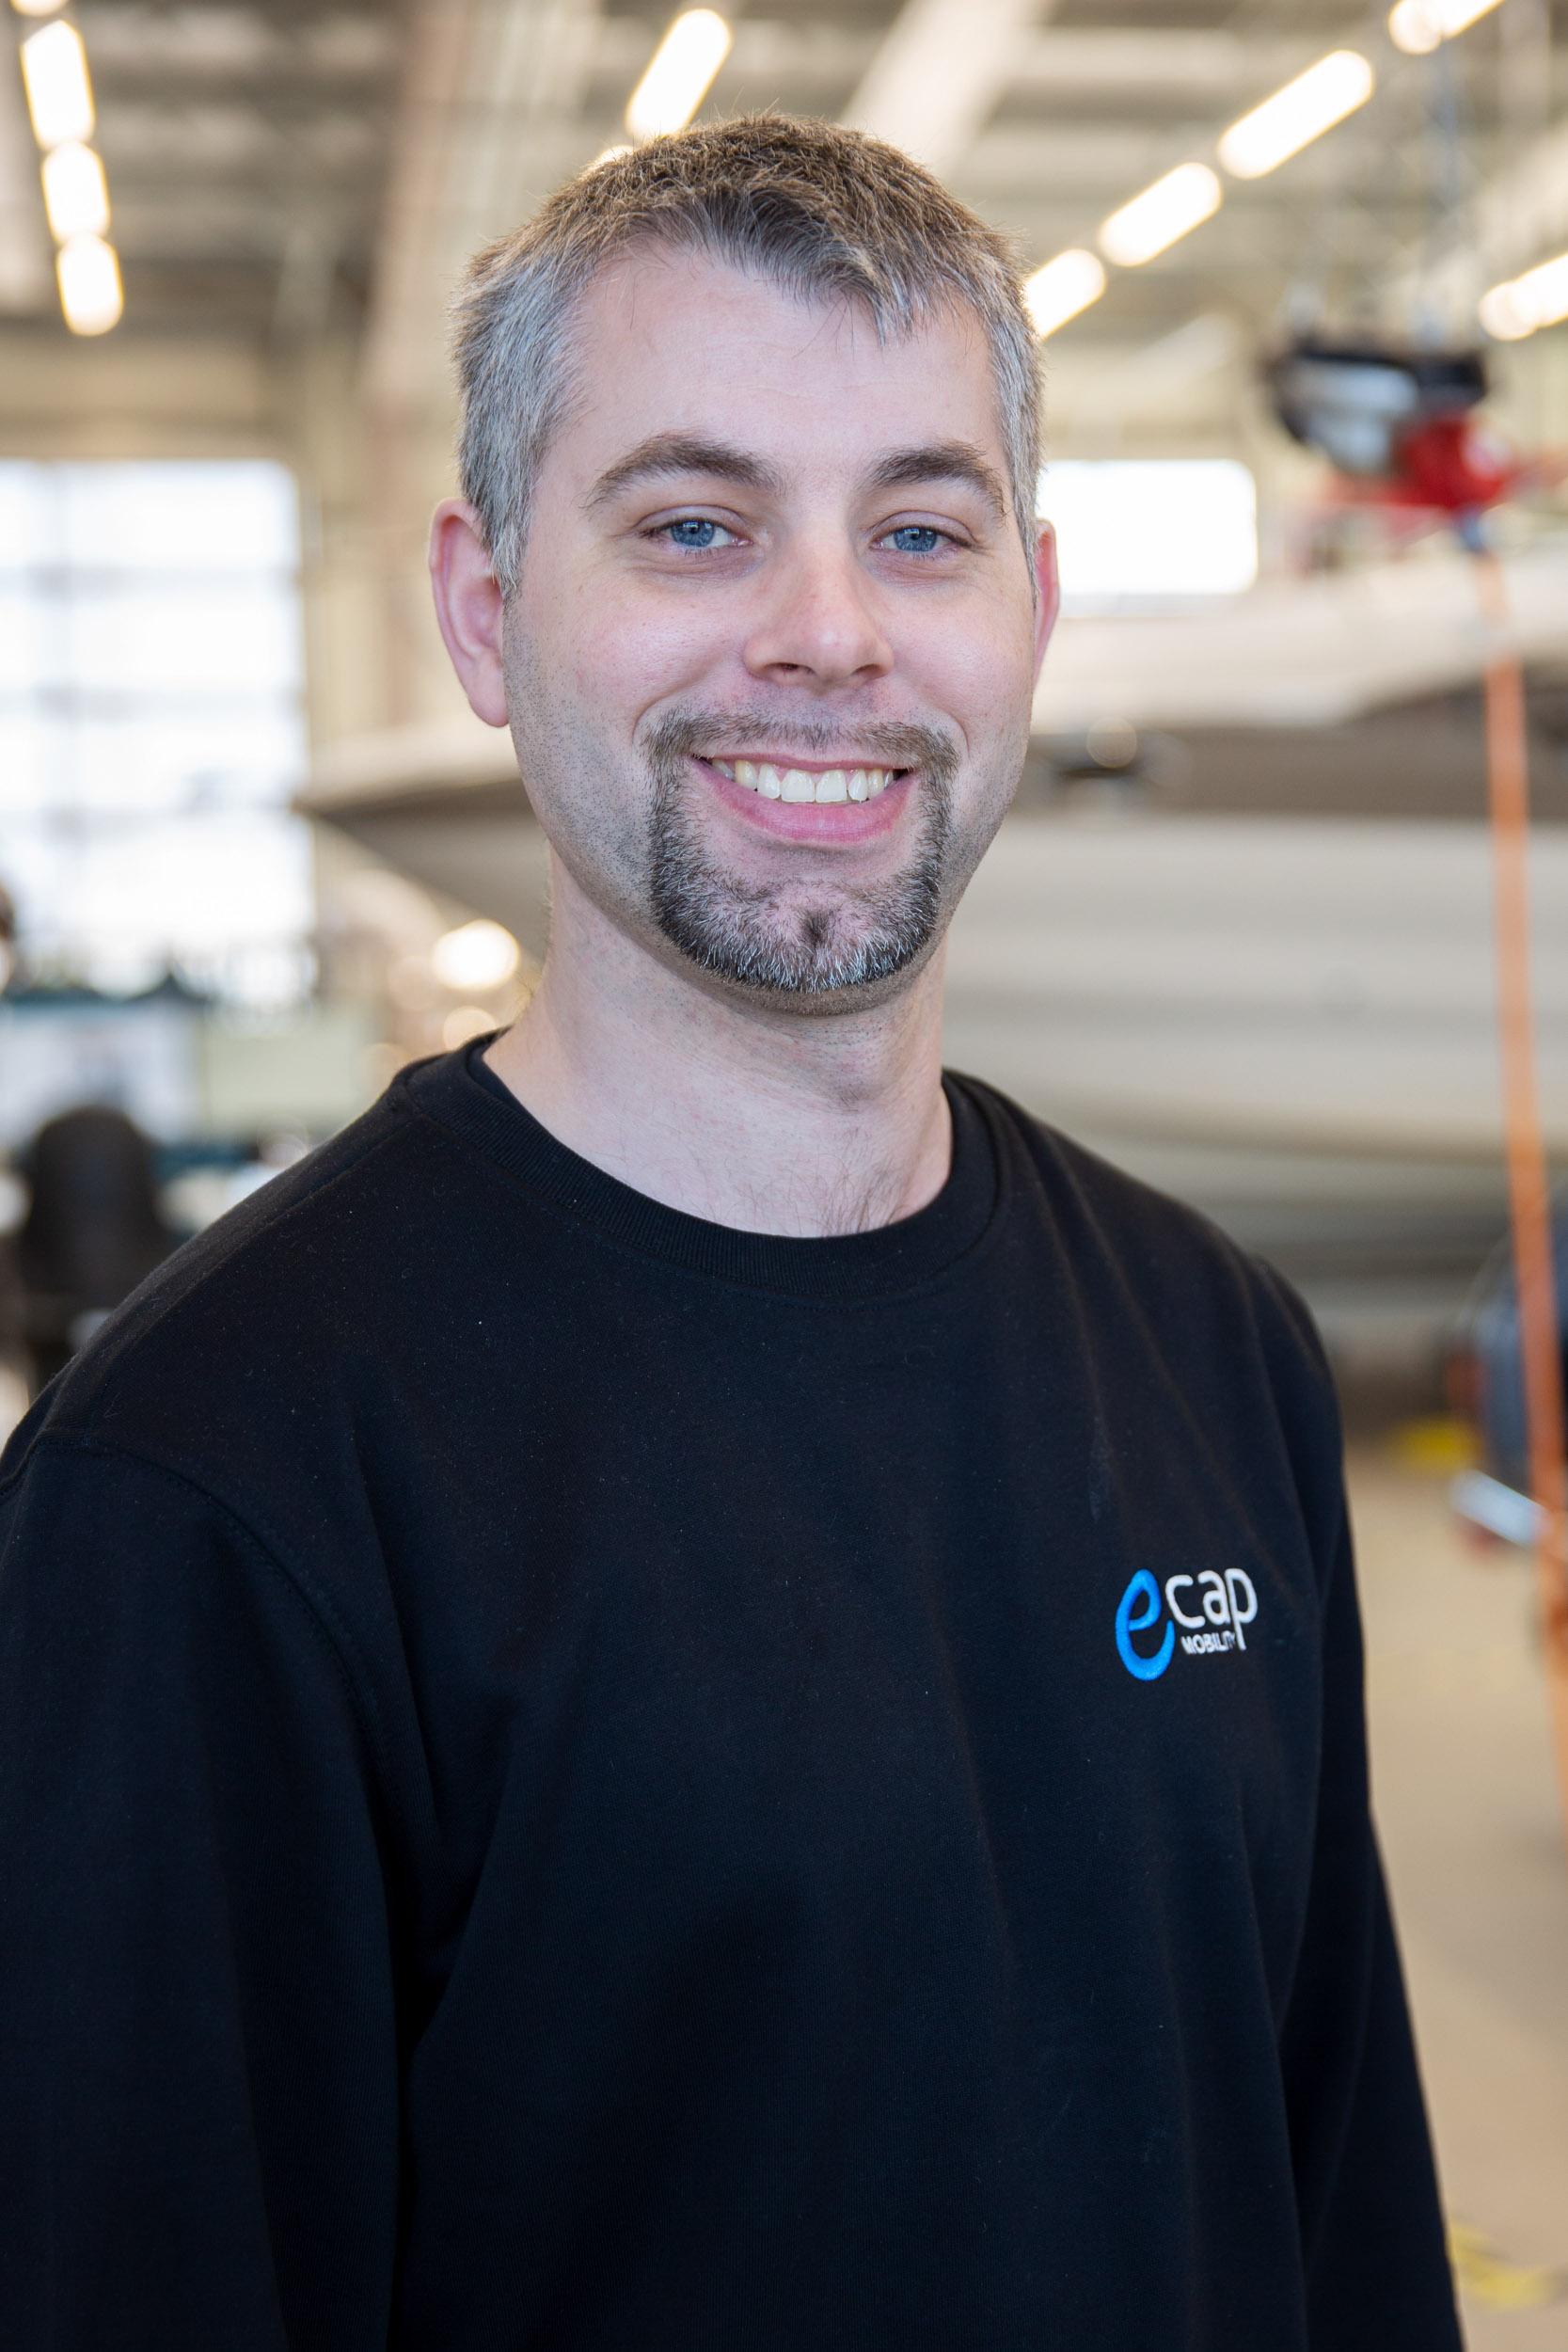 Kevin Lassen | Mechatronics Technician kla@ecap-mobility.com